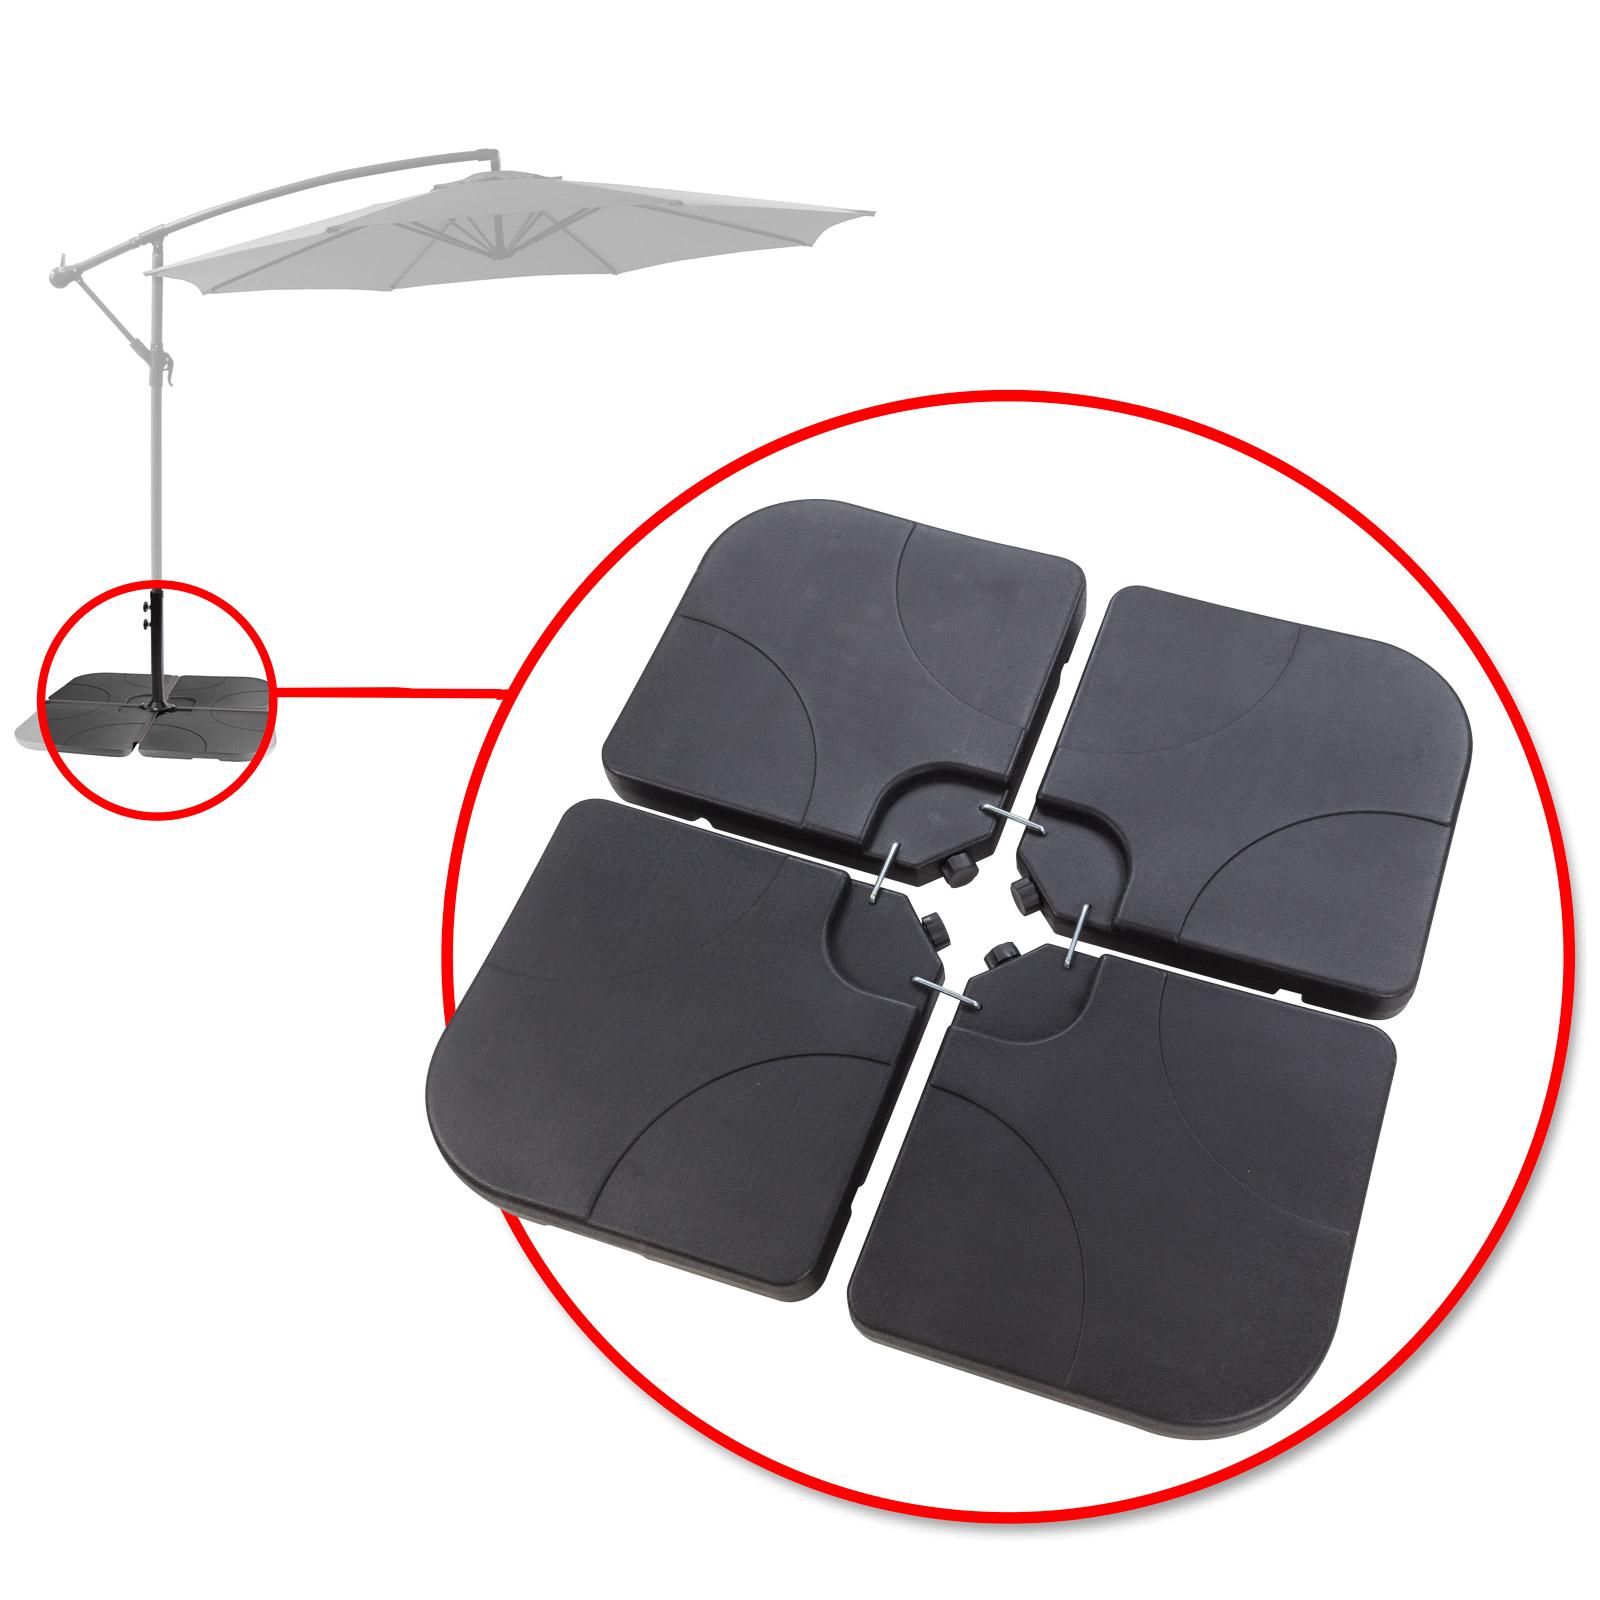 Dema Gewichte / Beschwerungsplatten für Sonnenschirmständer / Ampelschirm Verona 41286